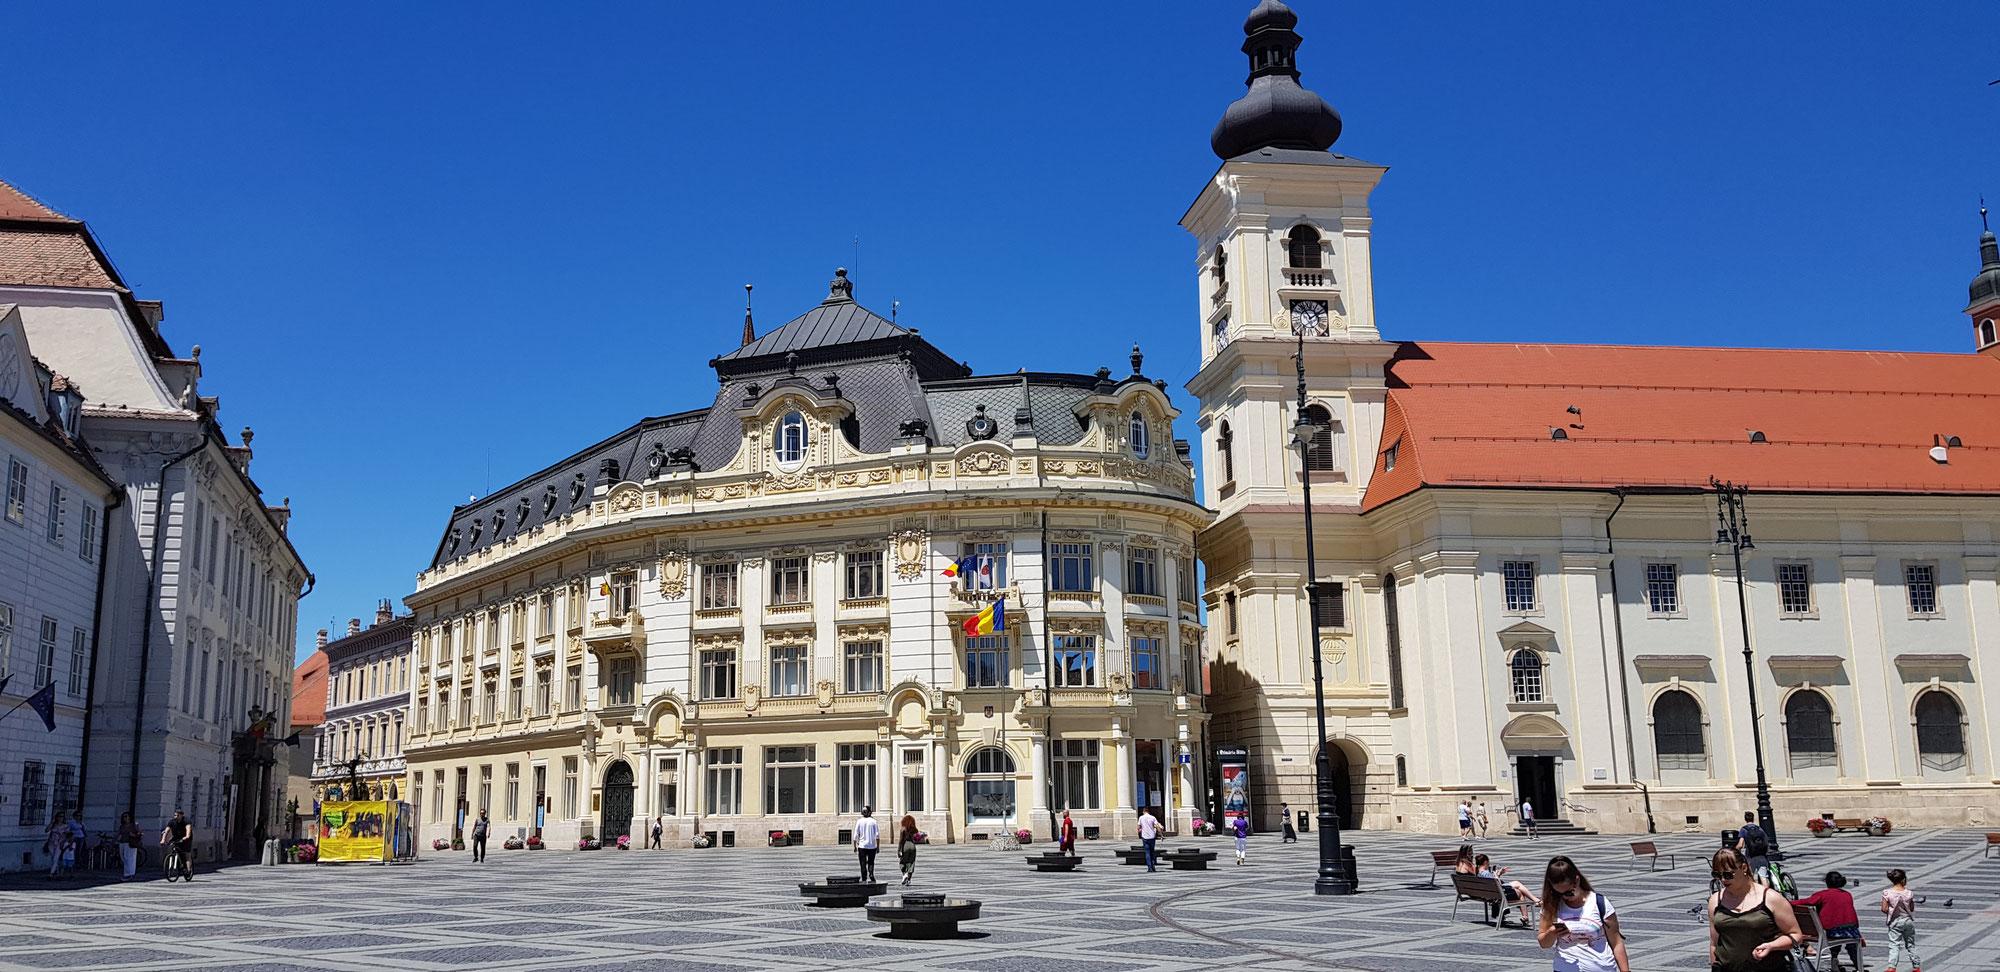 Sibiu / Hermannstadt - Die Perle der Siebenbürgen